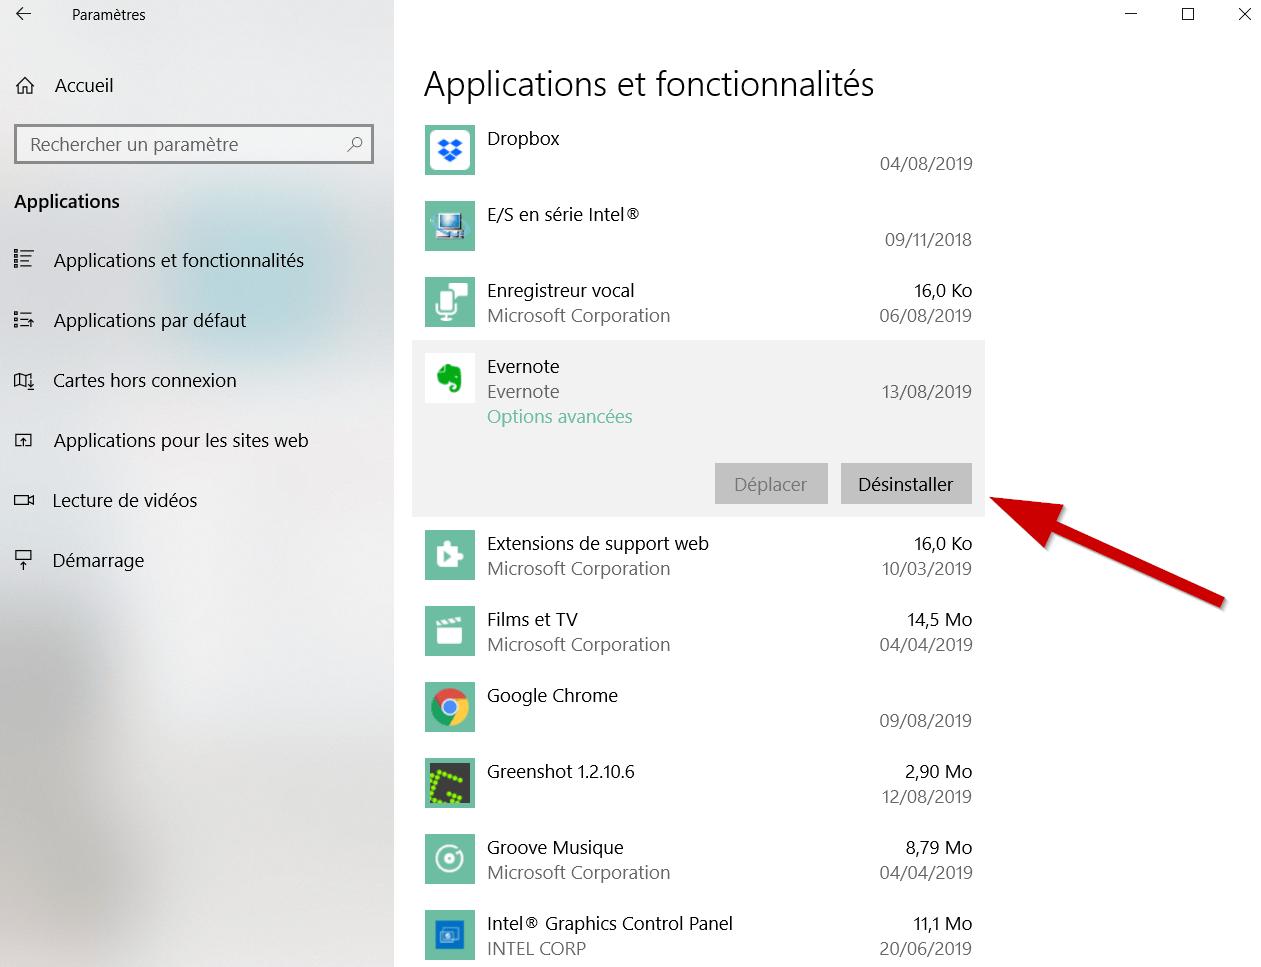 Cliquez sur l'application à désinstaller, puis sur « Désinstaller ». A noter que dans certains cas, l'action n'est malheureusement pas disponible.